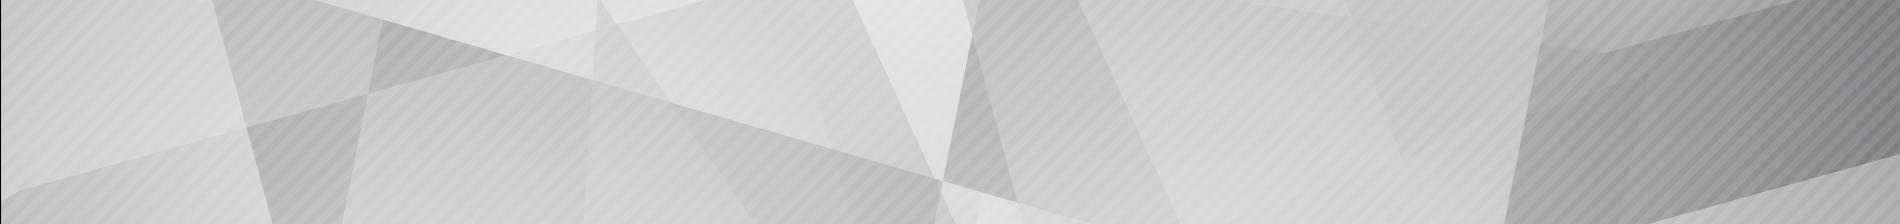 CRONO SERIES RUN - Imagem de topo